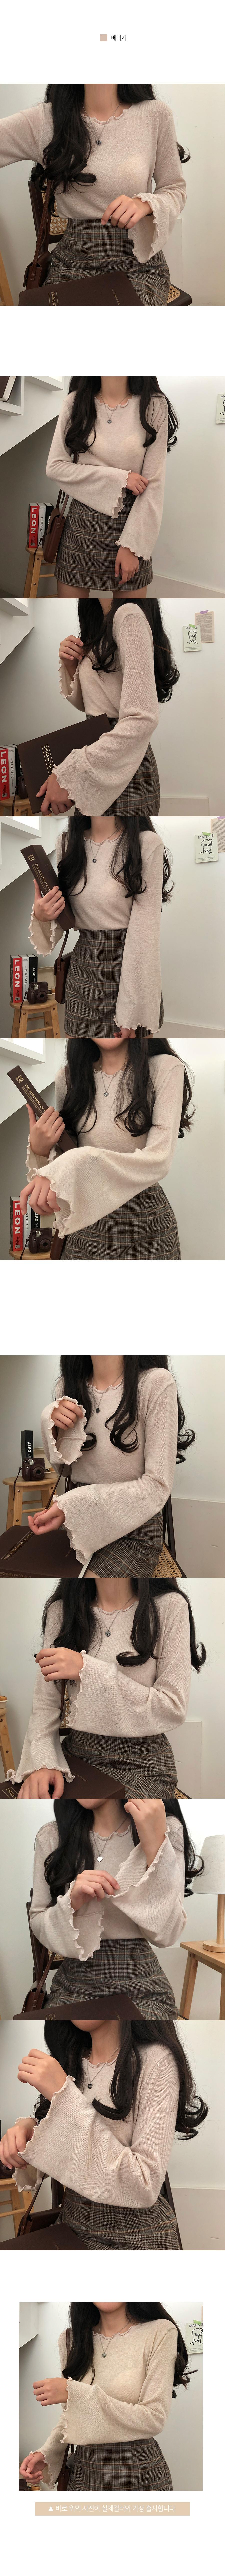 Rutella Rolling Trumpet Knitwear T-shirt